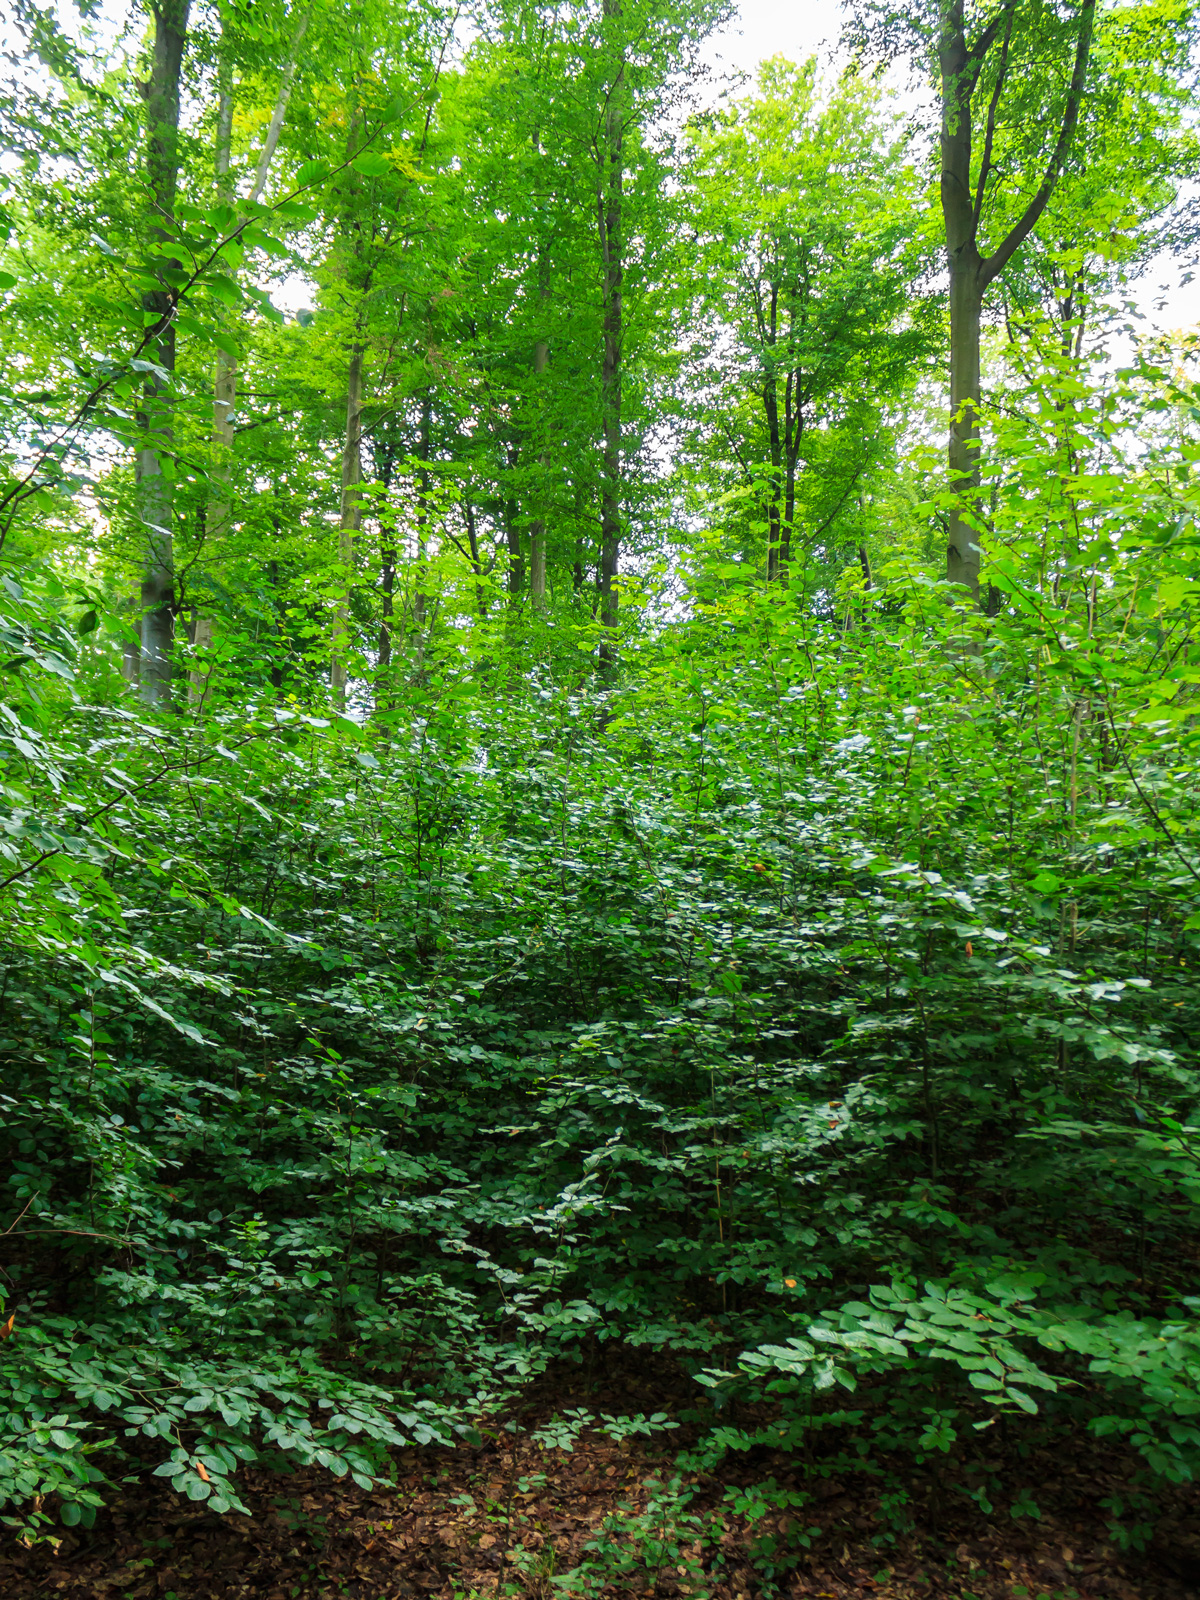 zweischichtiger Altersklassenwald aus Oberbestand und Unterstand